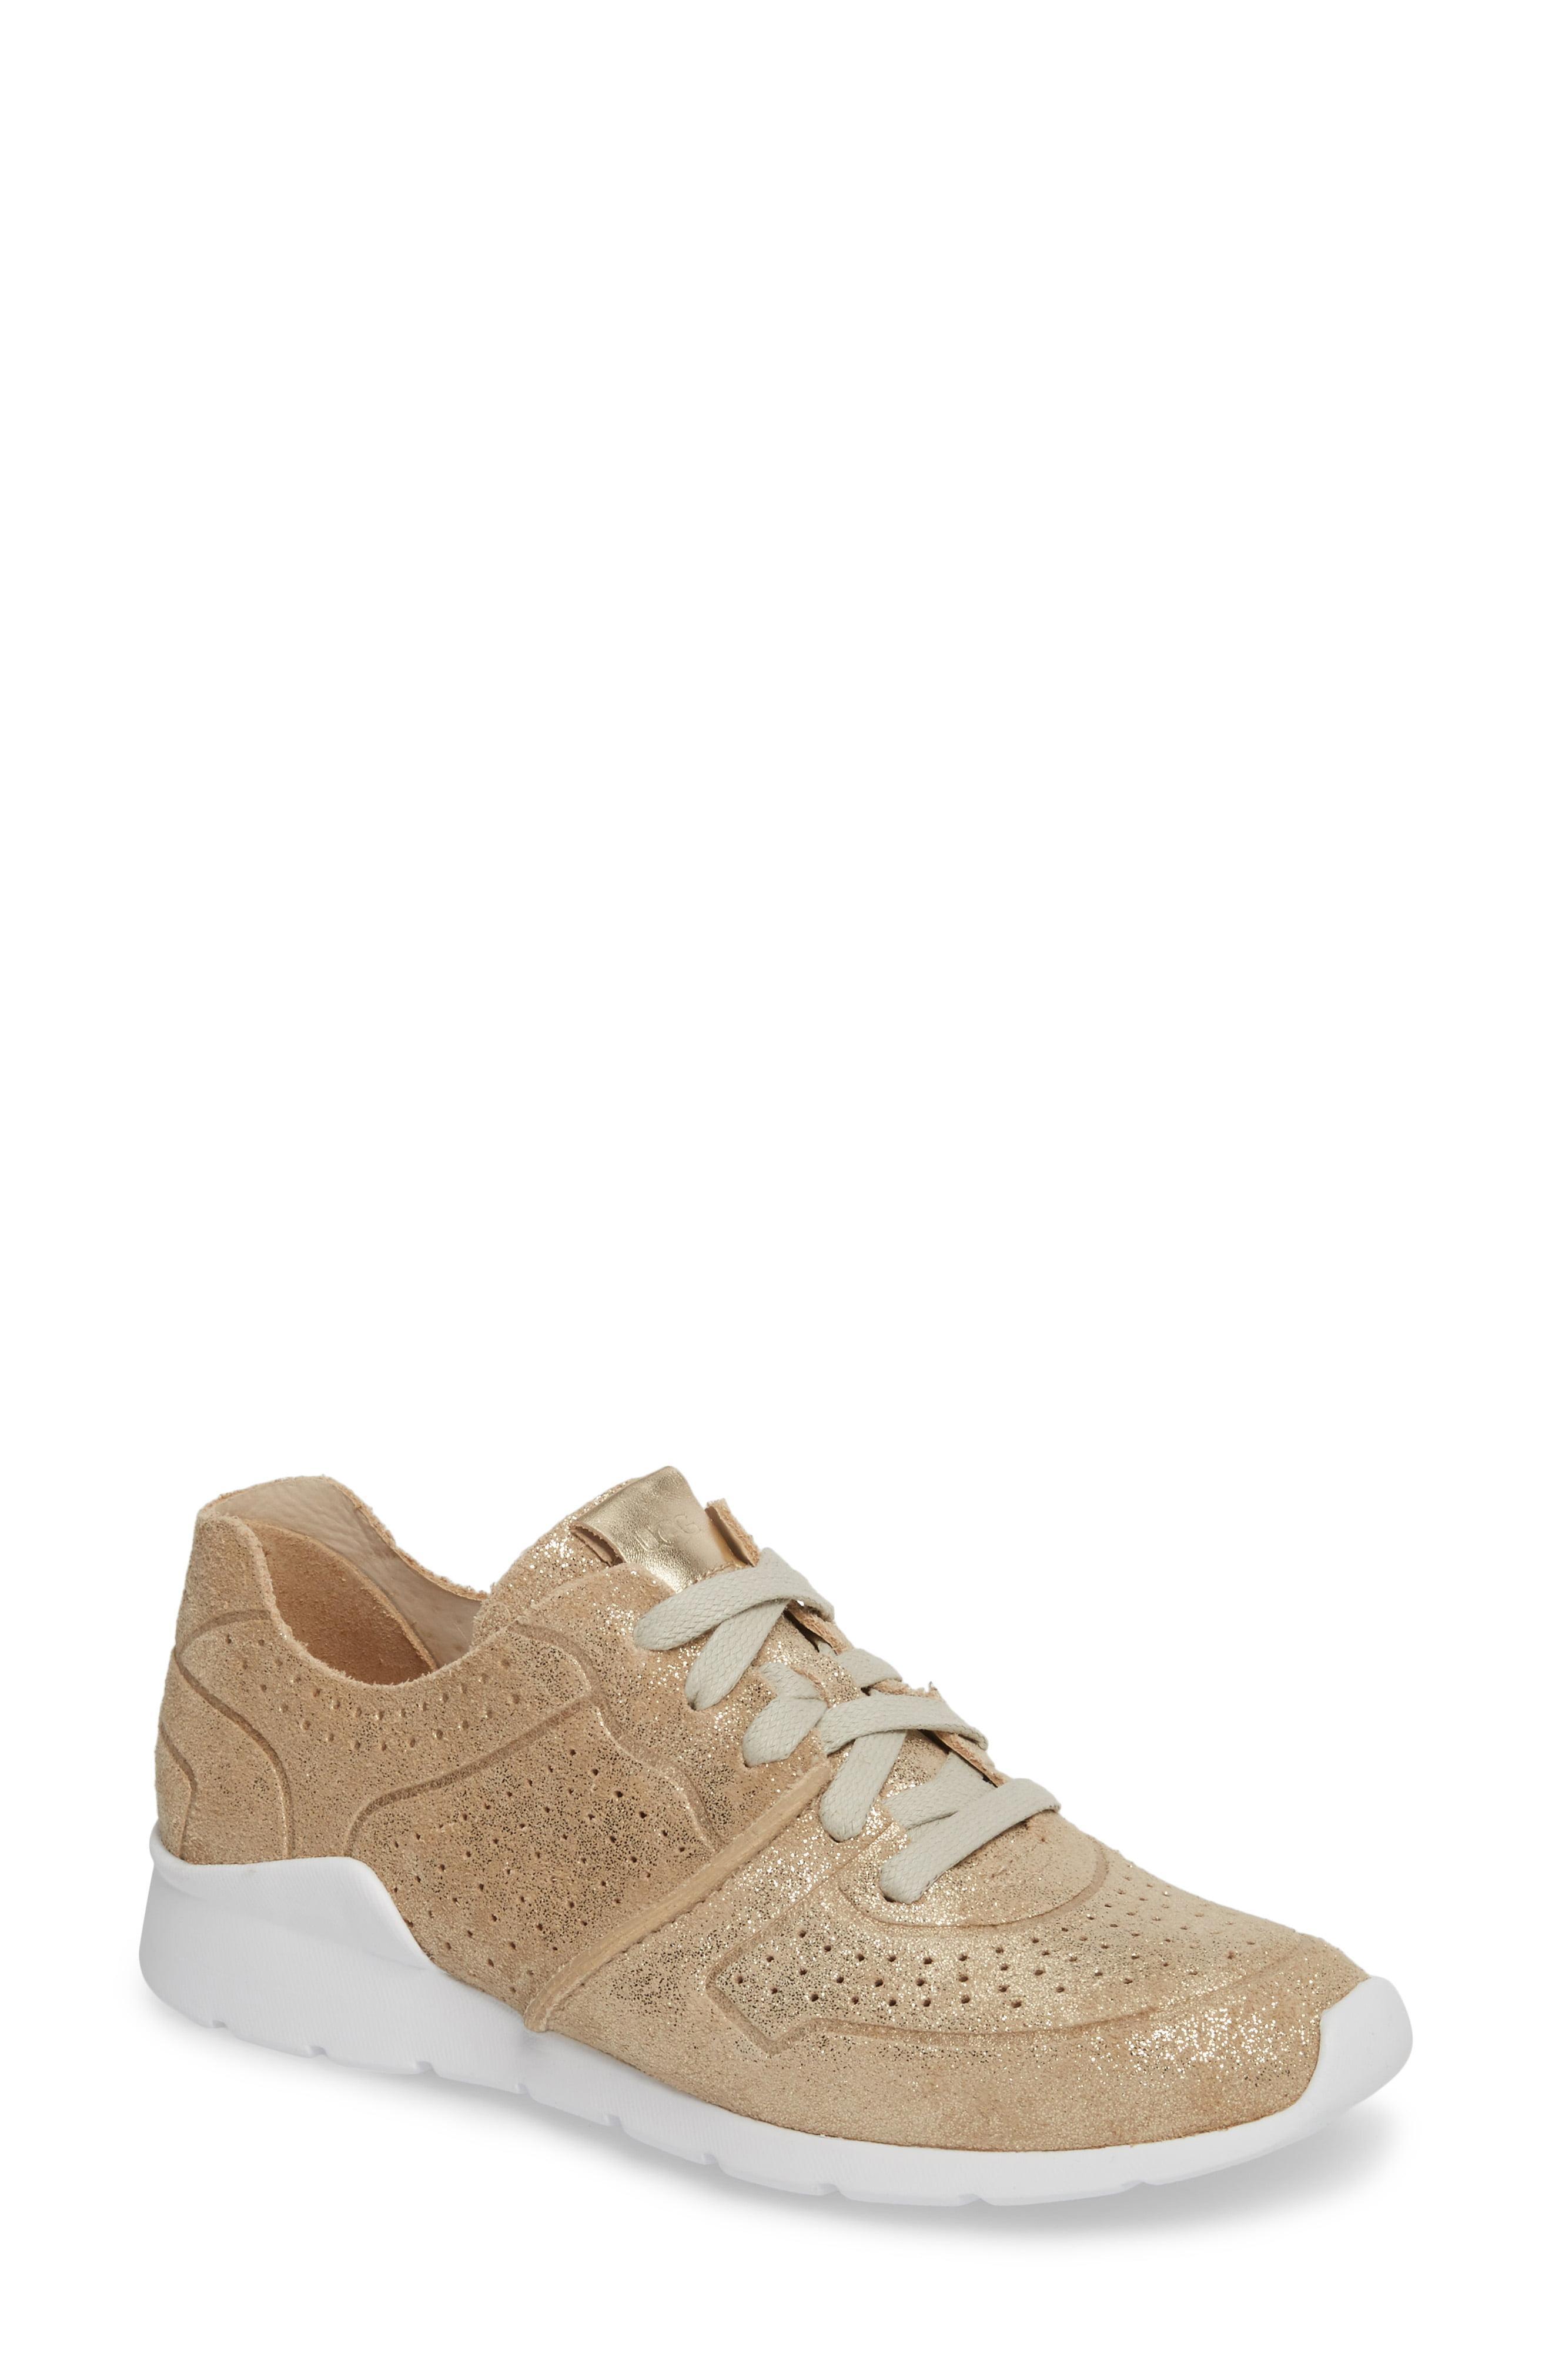 UGG Leather (r) Tye Stardust Sneaker - Lyst